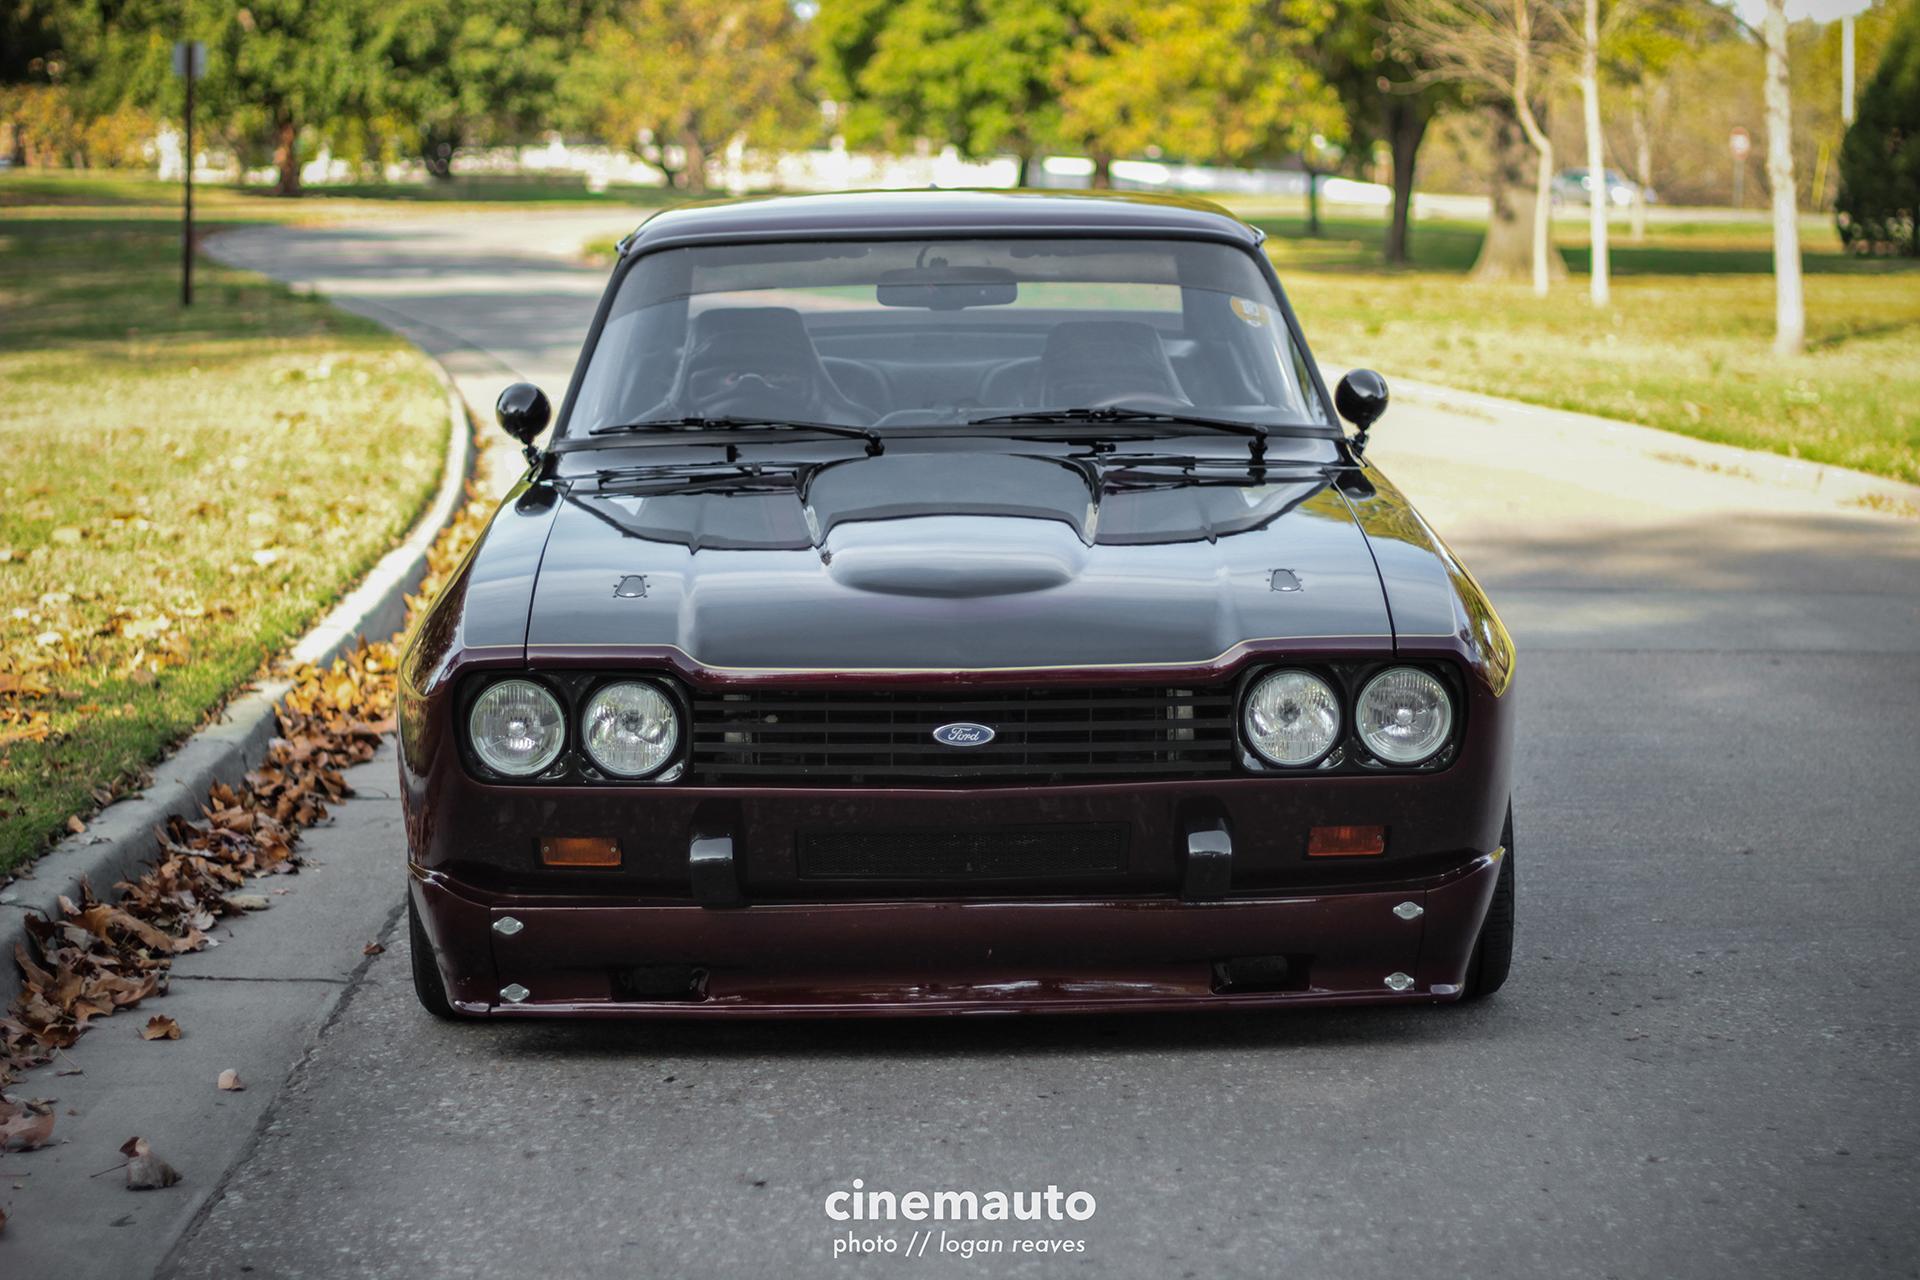 cinemauto-ford-capri-11.jpg